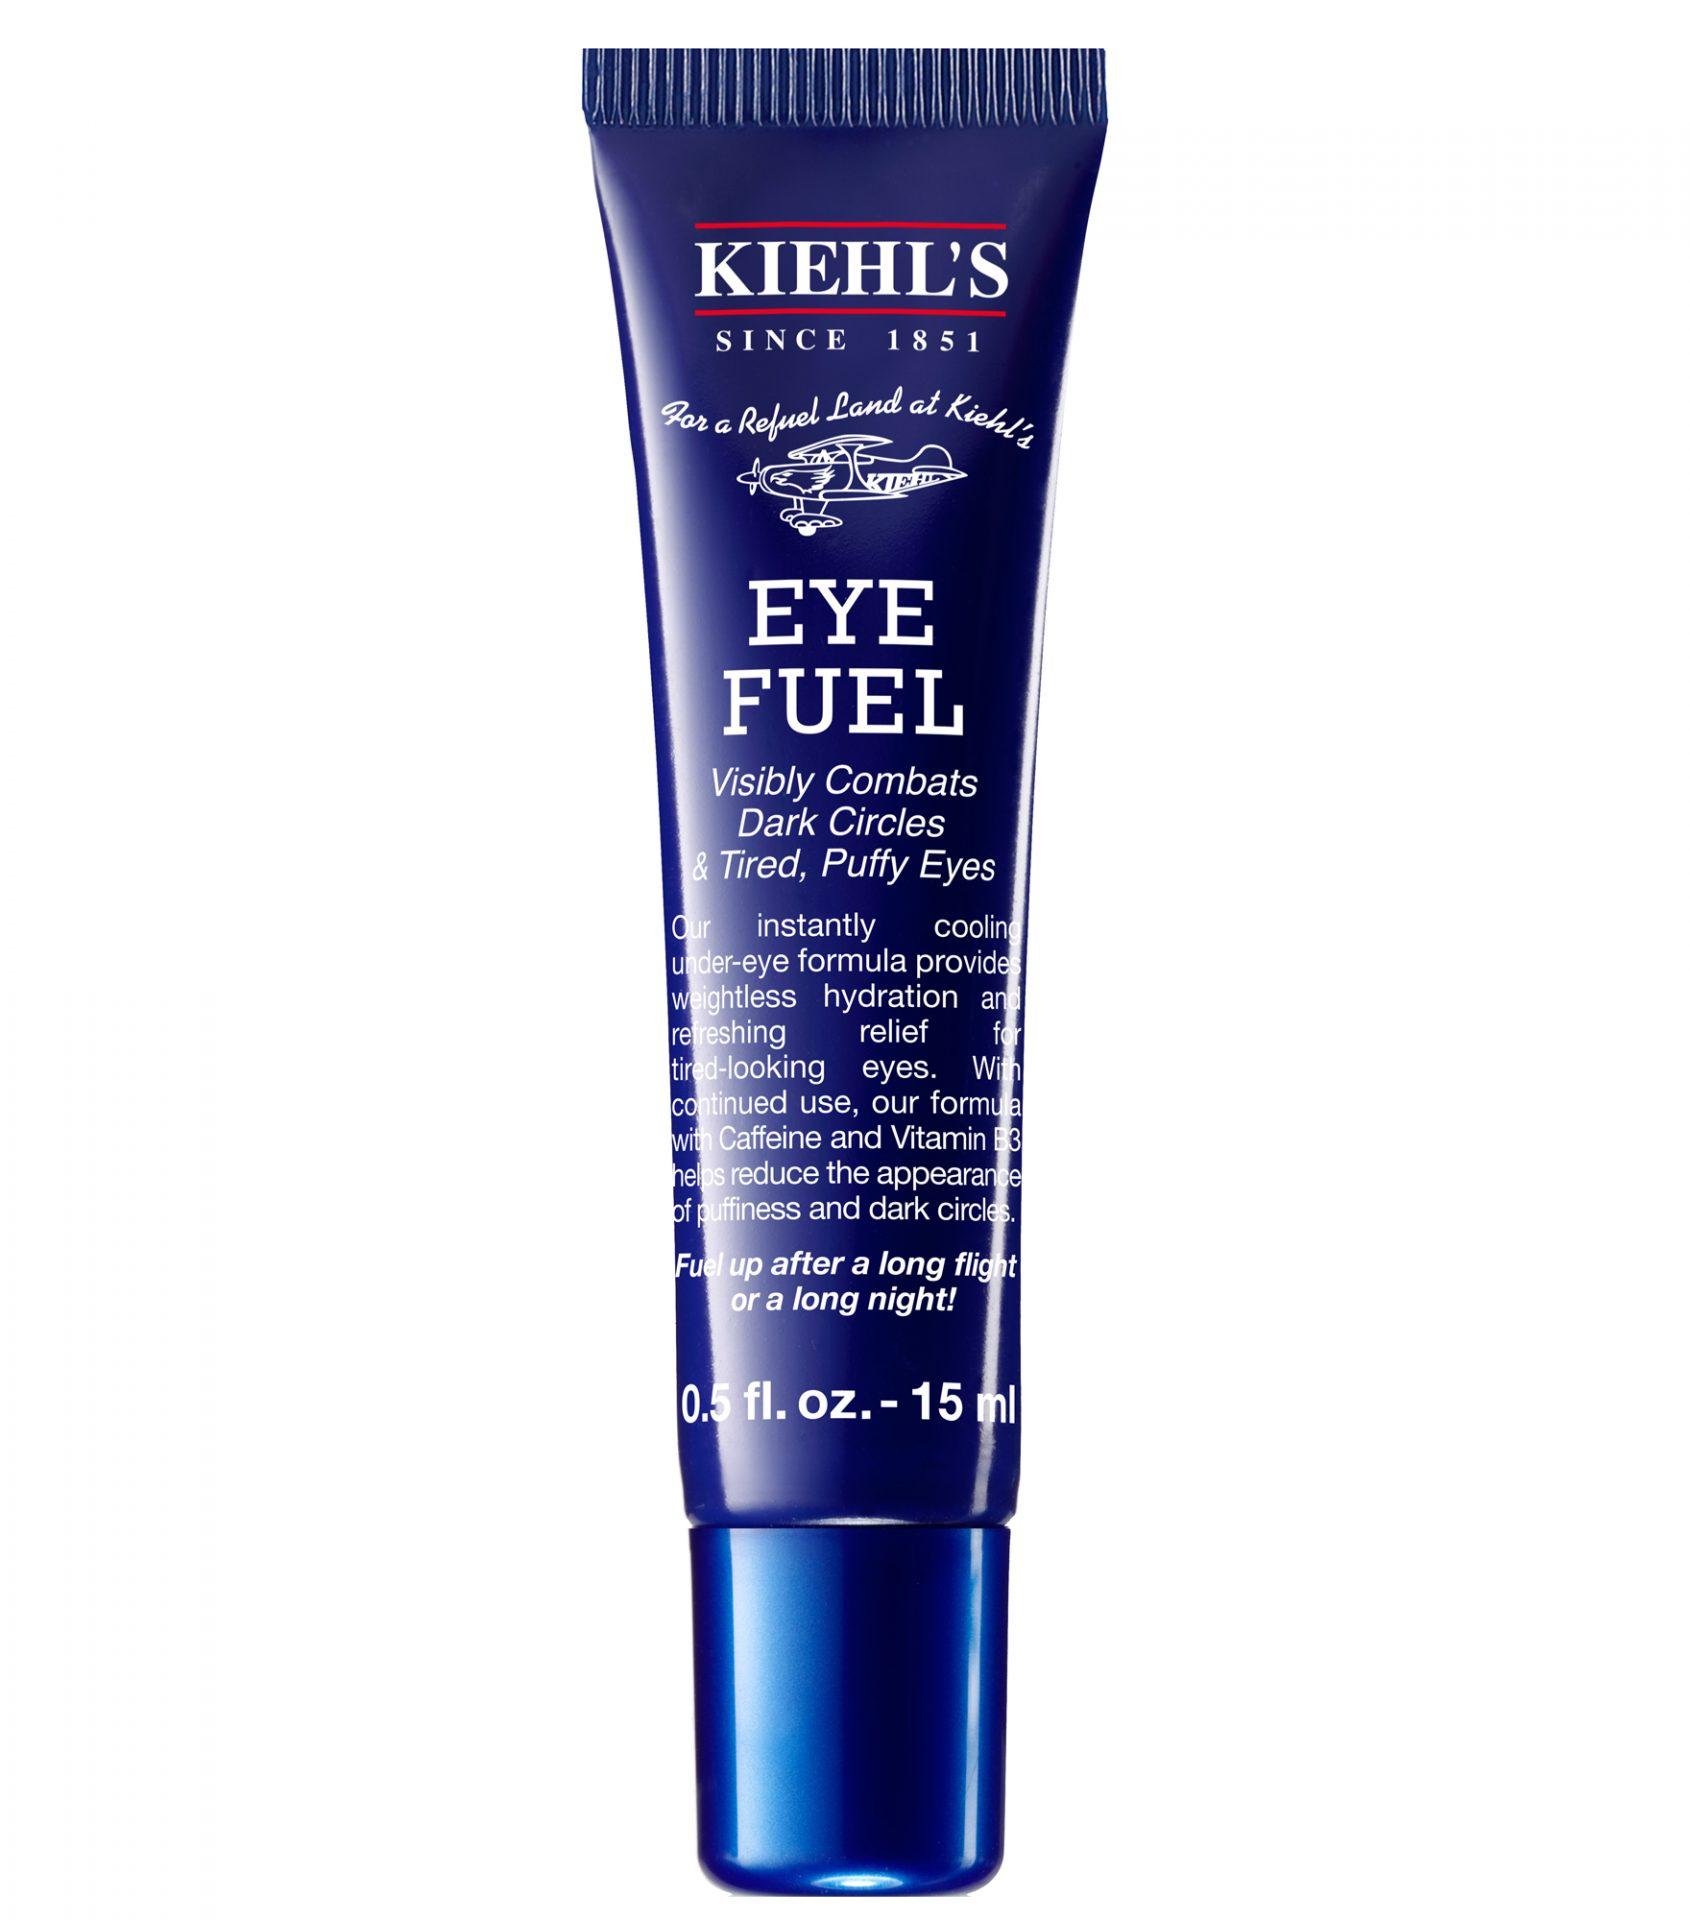 Kiehls Eye Fuel